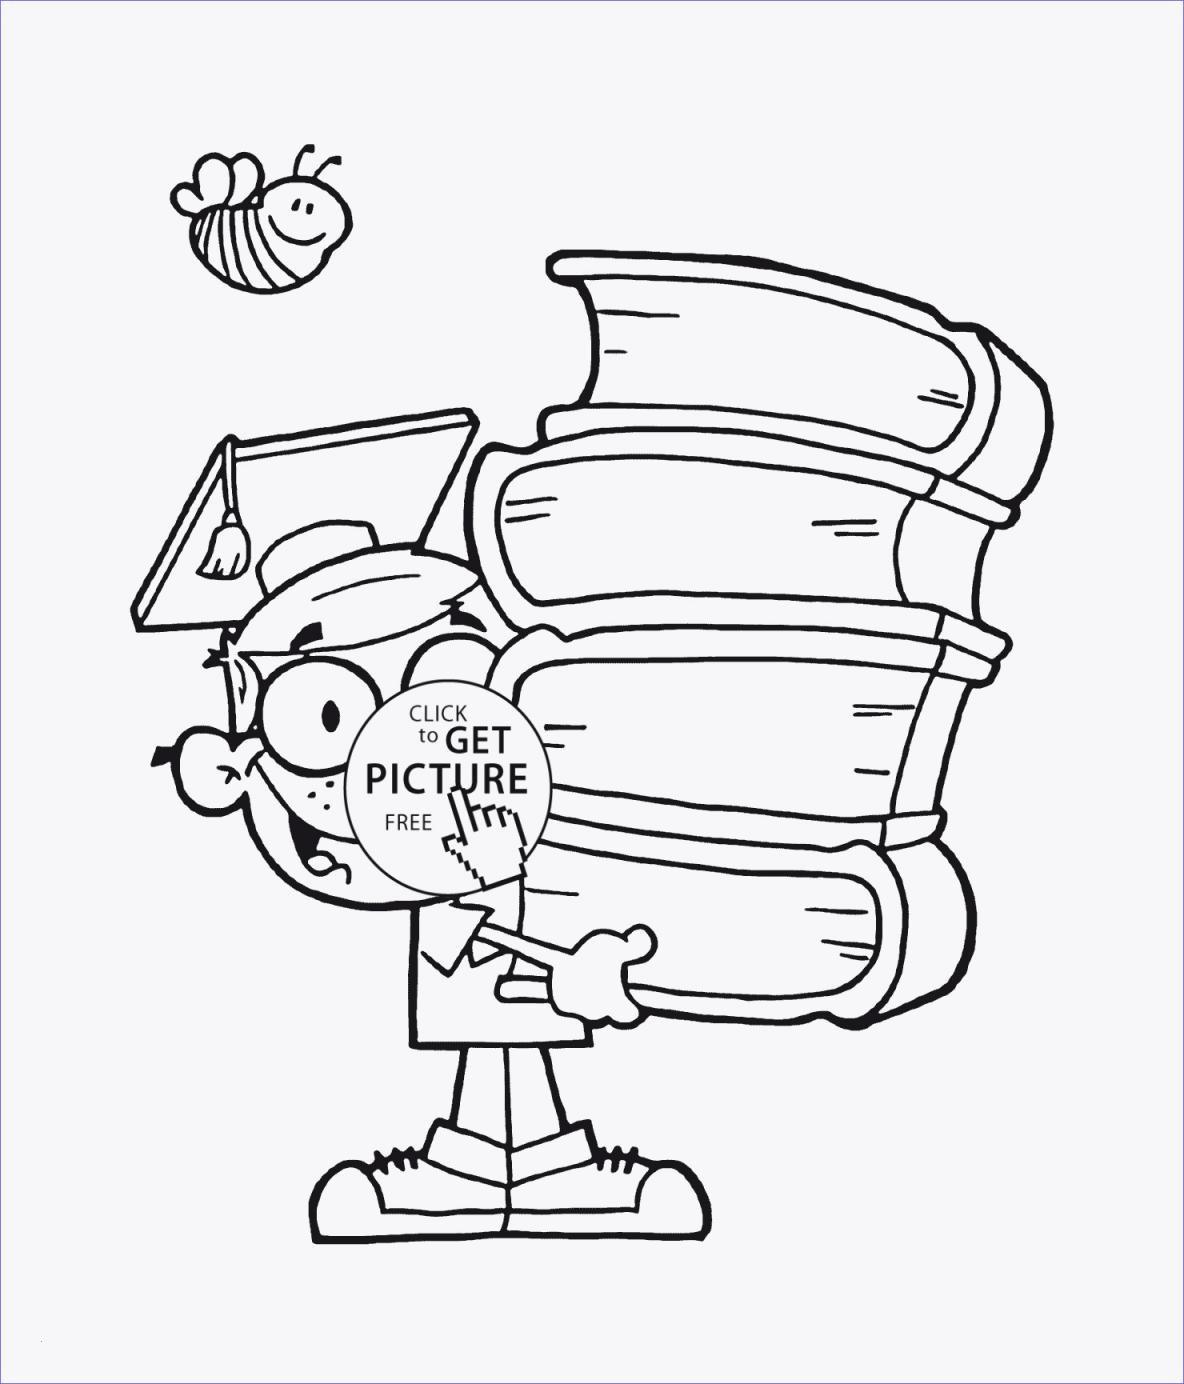 Ausmalbilder Winnie Pooh Und Seine Freunde Malvorlagen Inspirierend Malvorlagen Igel Frisch Igel Grundschule 0d Archives Uploadertalk Das Bild